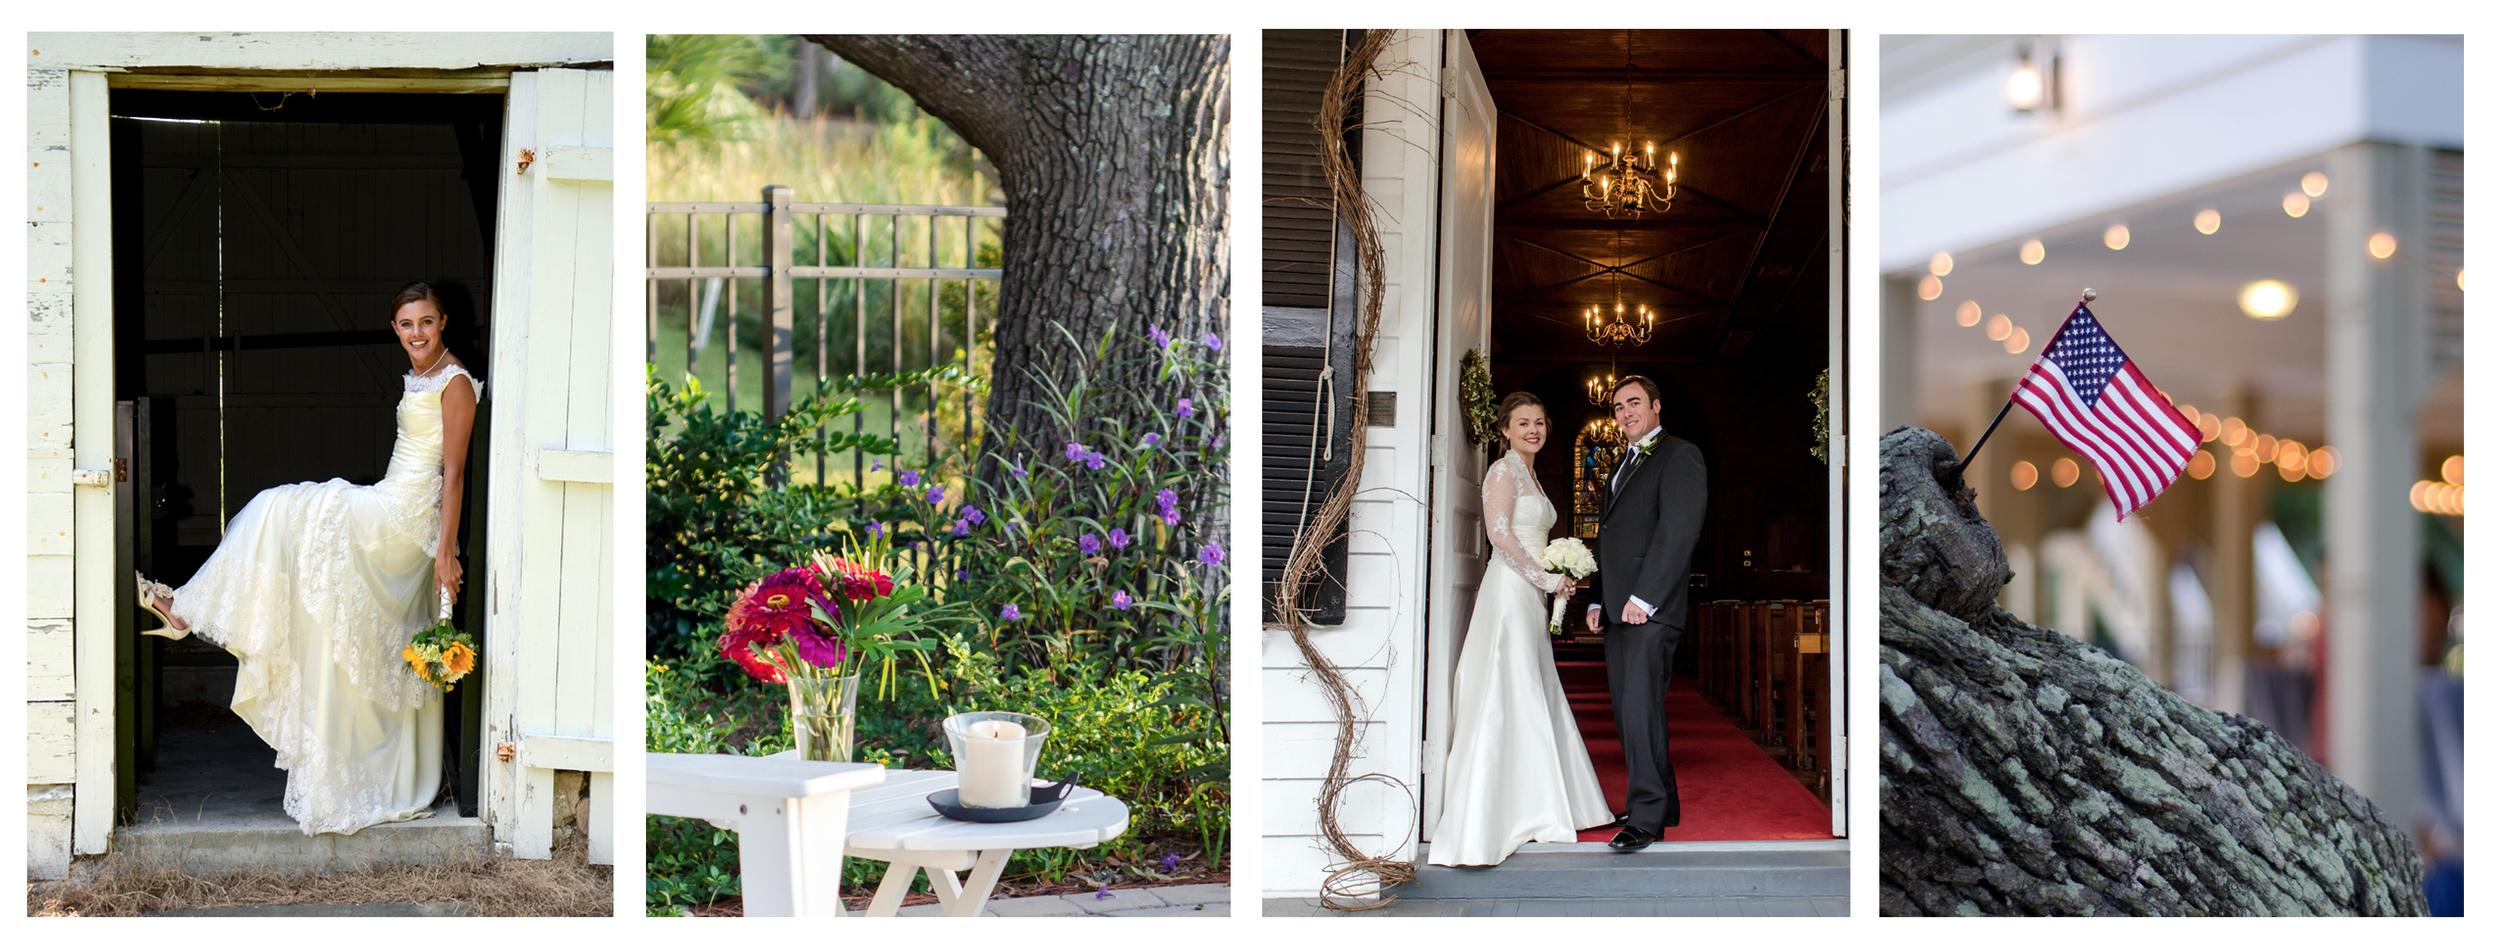 Bride leaning against door, flowers, bride and groom, American Flag.